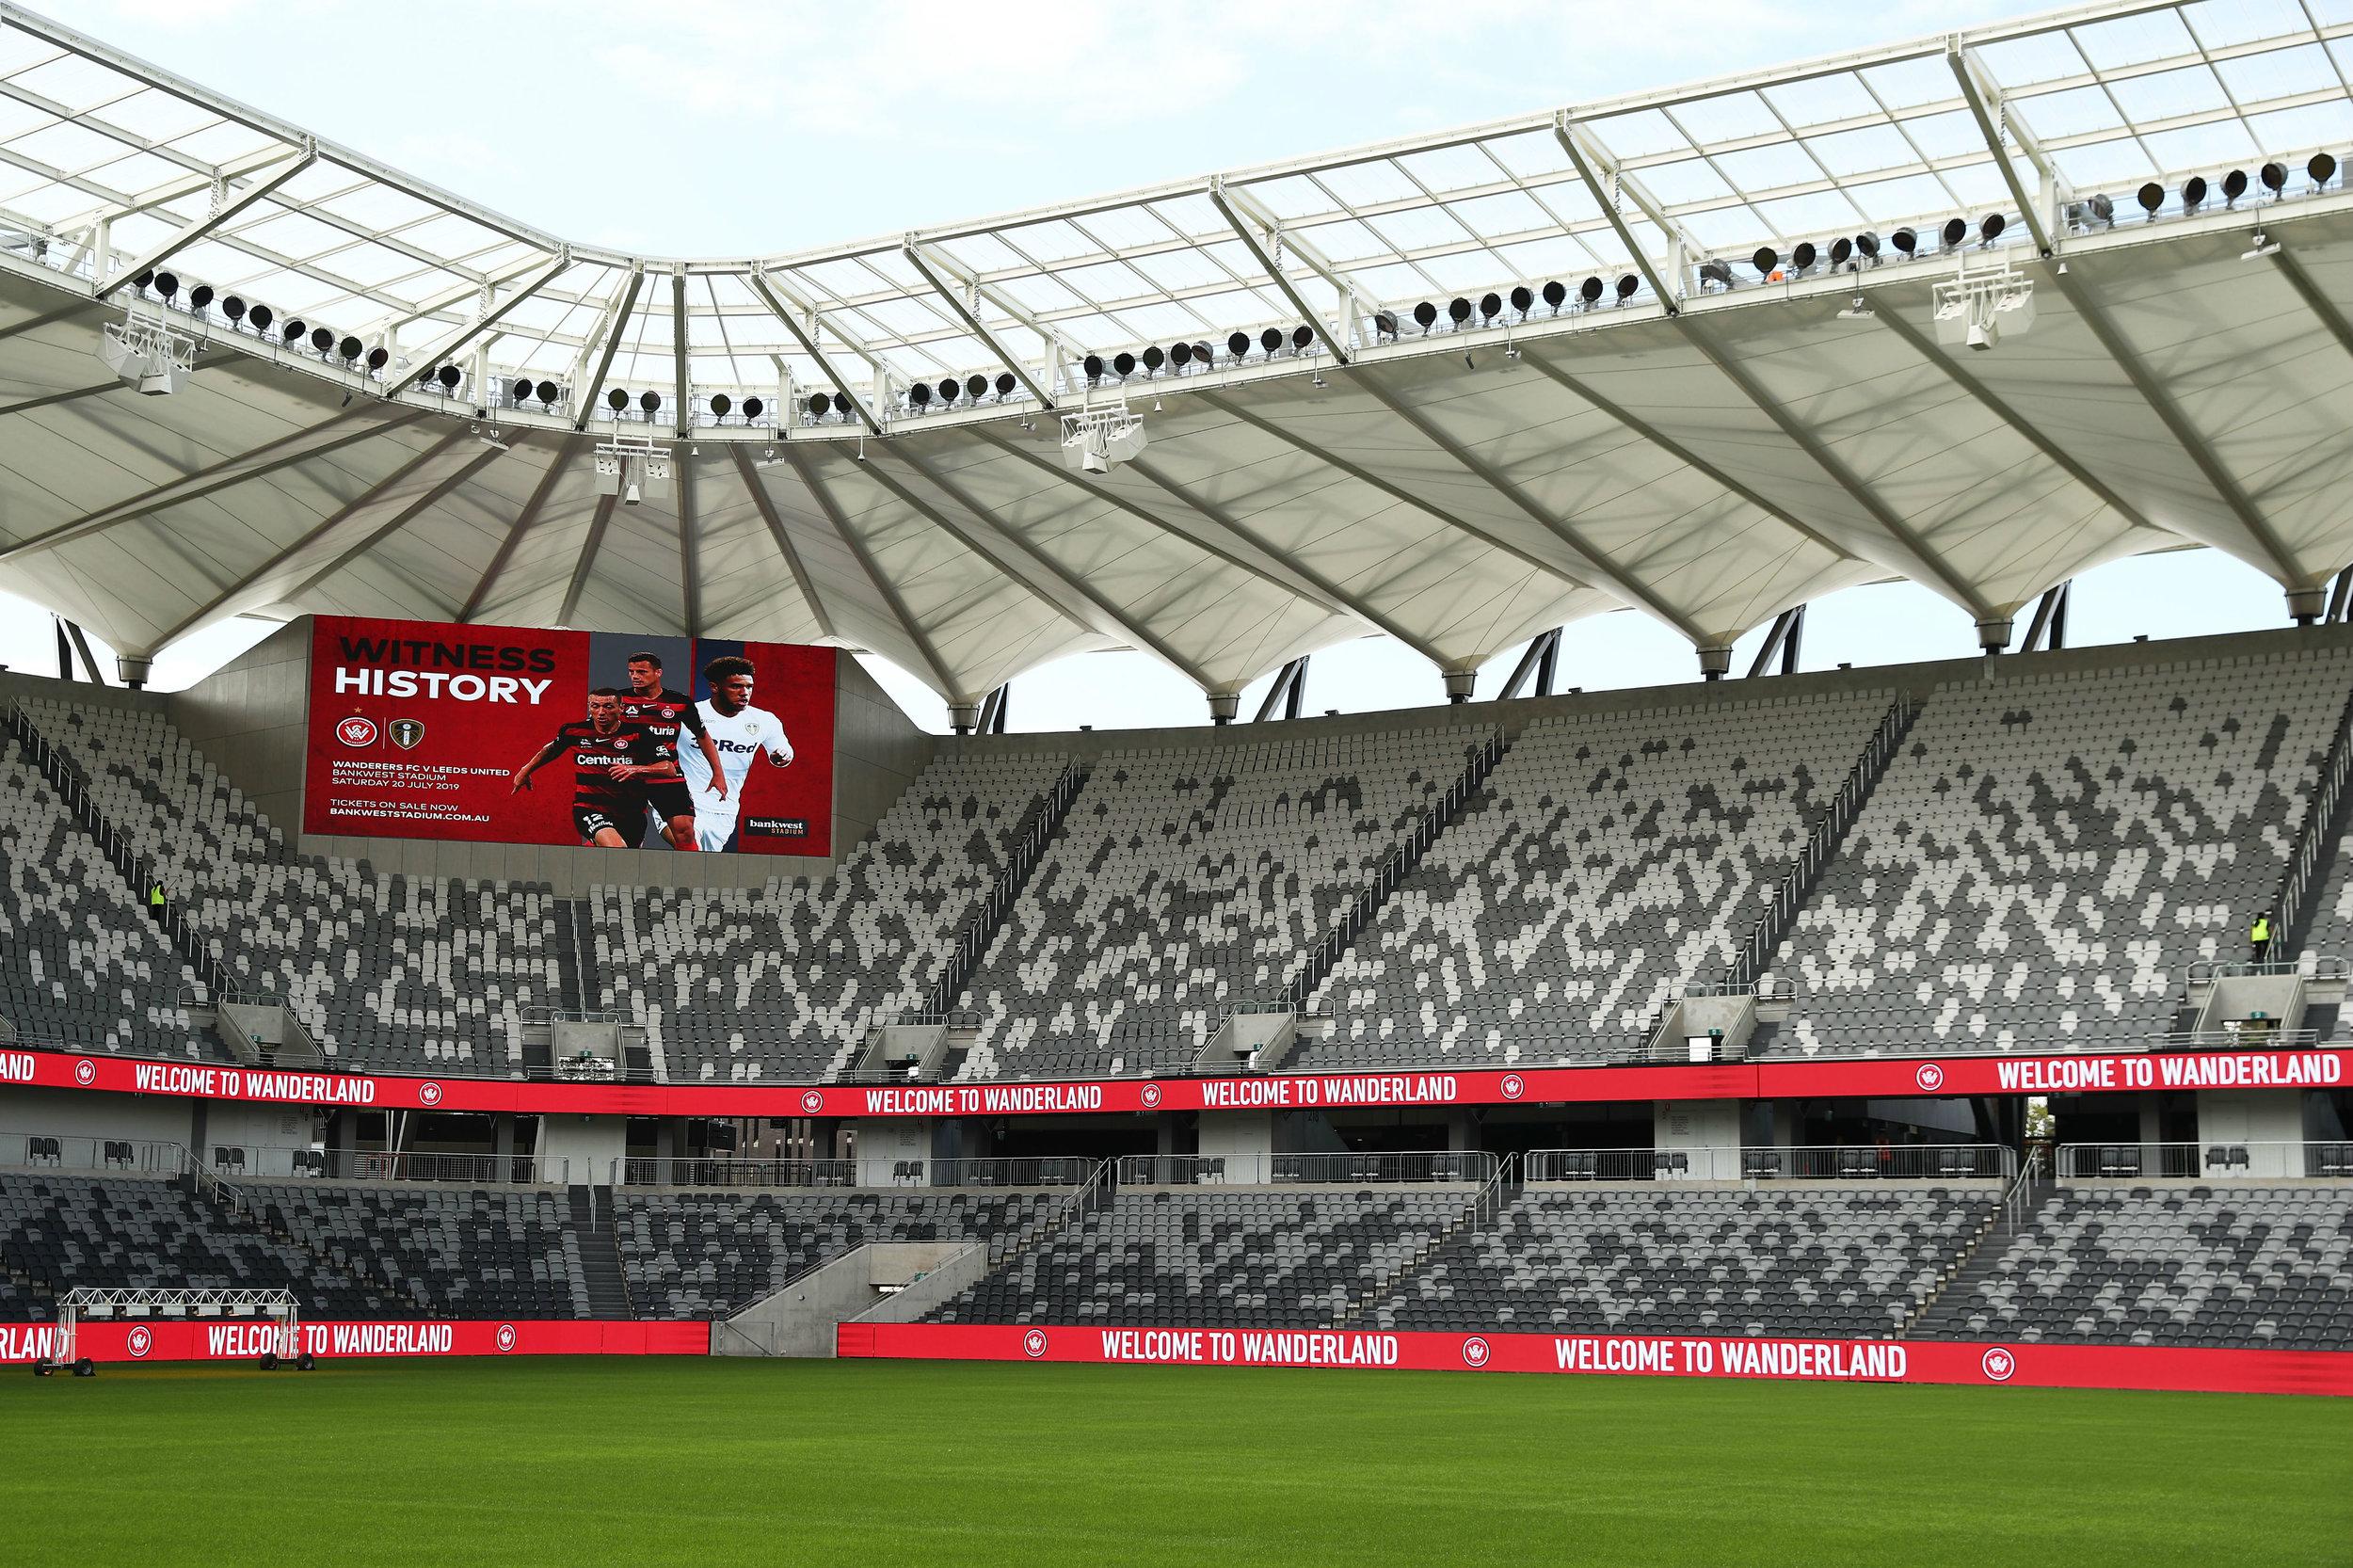 Western Sydney Wanderers - Bankwest StadiumCapacity: 30000